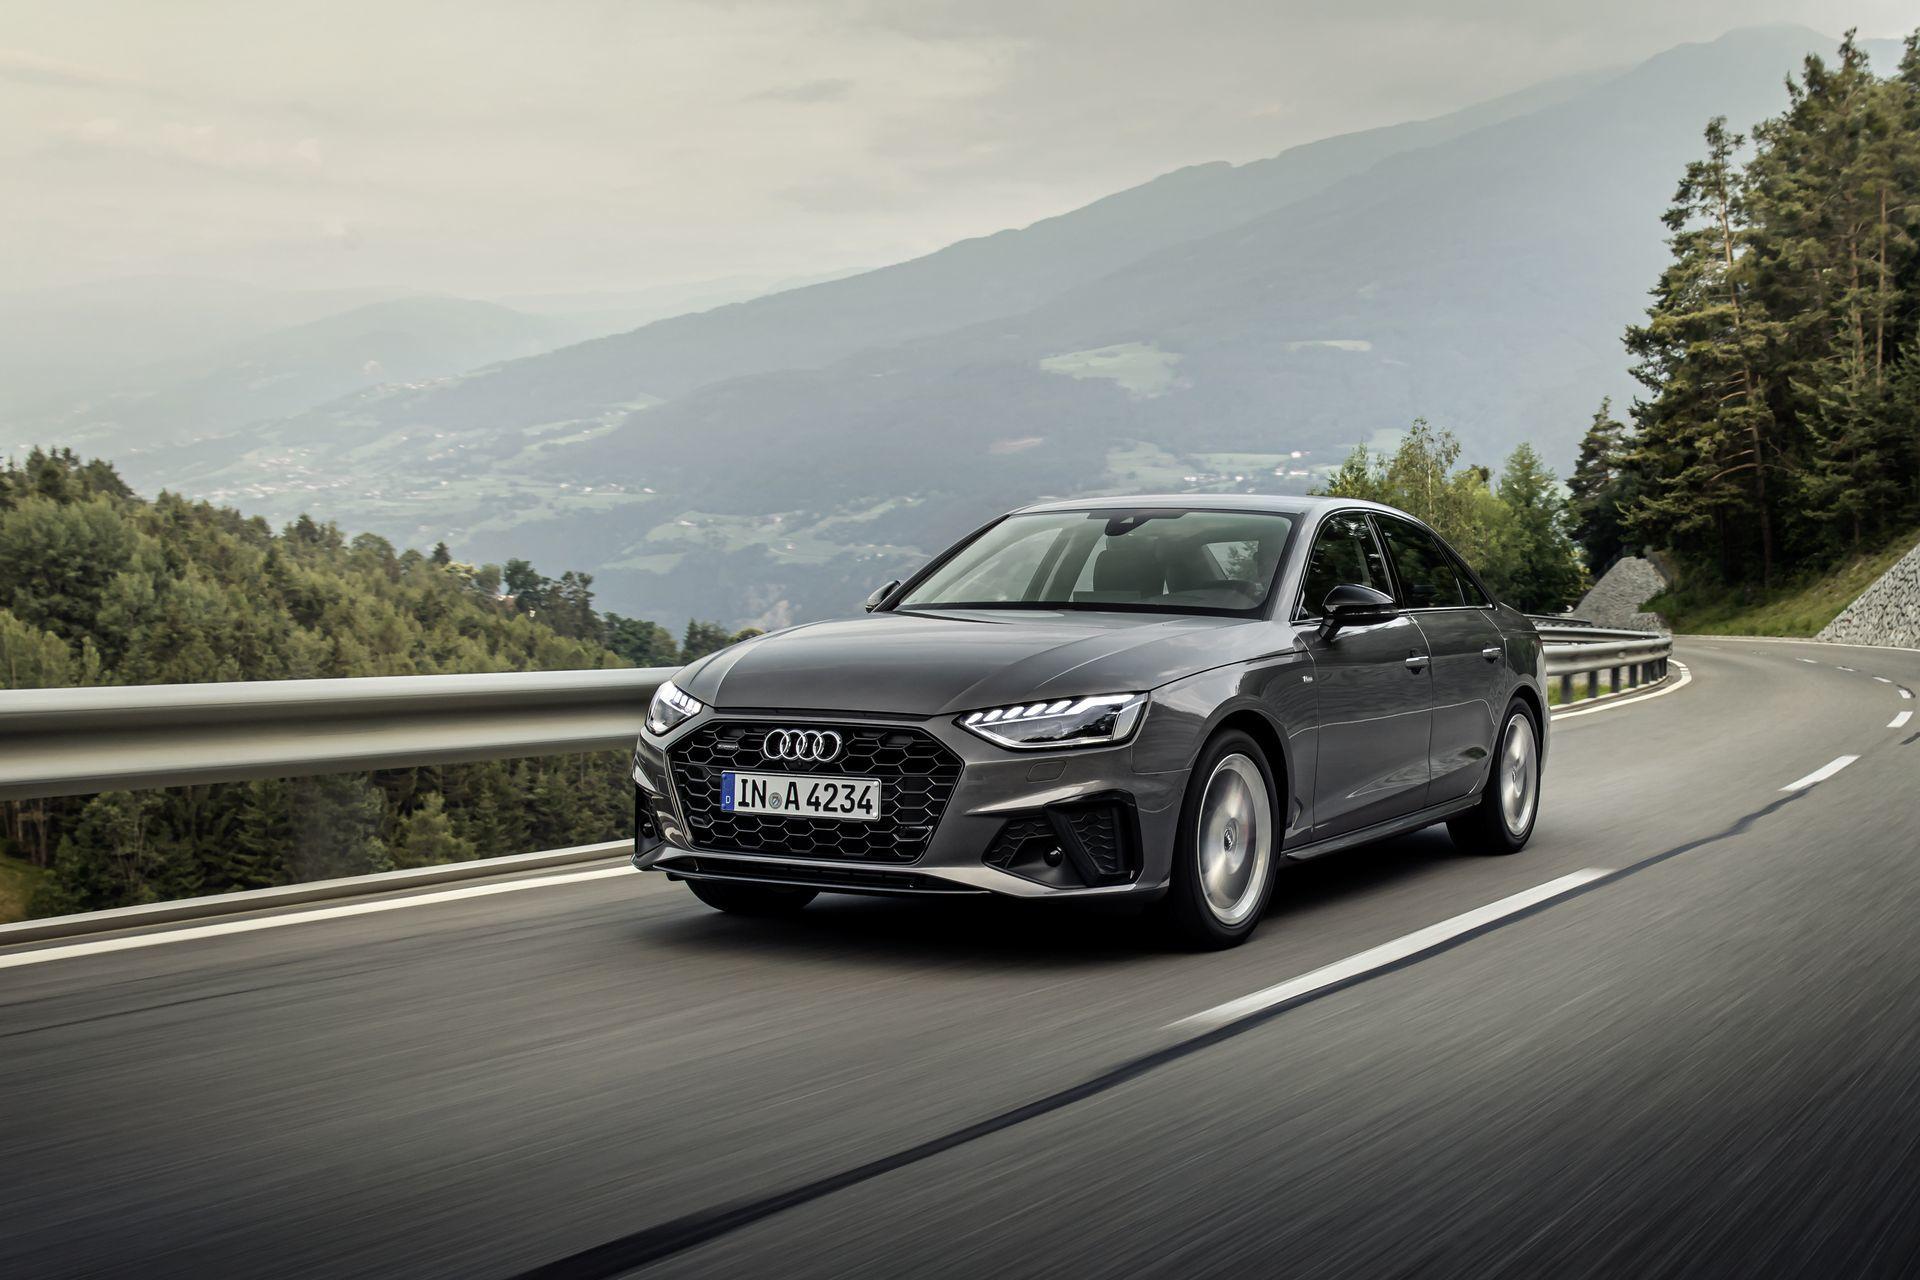 Prueba Audi A4 2019 18